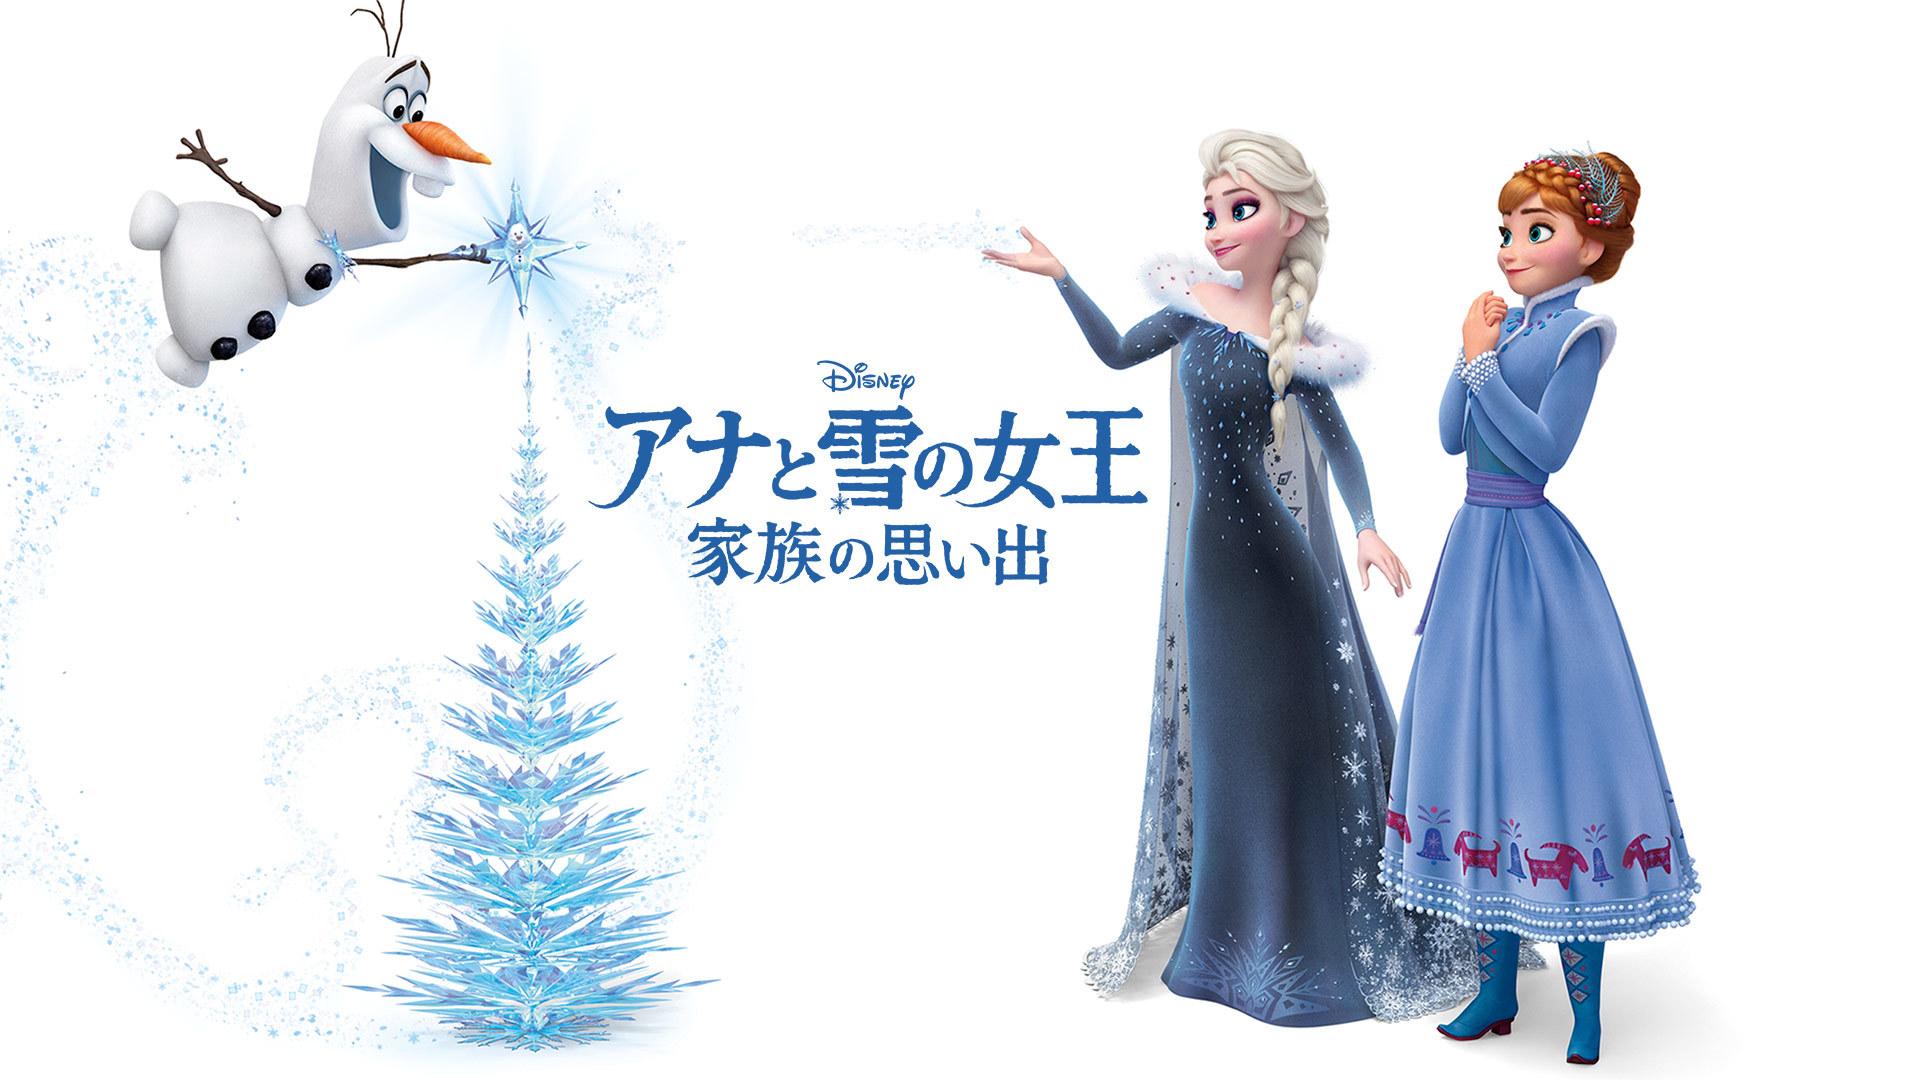 画像 アナ雪 のアニメ 実写 Lego ドキュメンタリーなどを集めた アナと雪の女王 特集がディズニーデラックスでスタート の画像6 12 Spice エンタメ特化型情報メディア スパイス